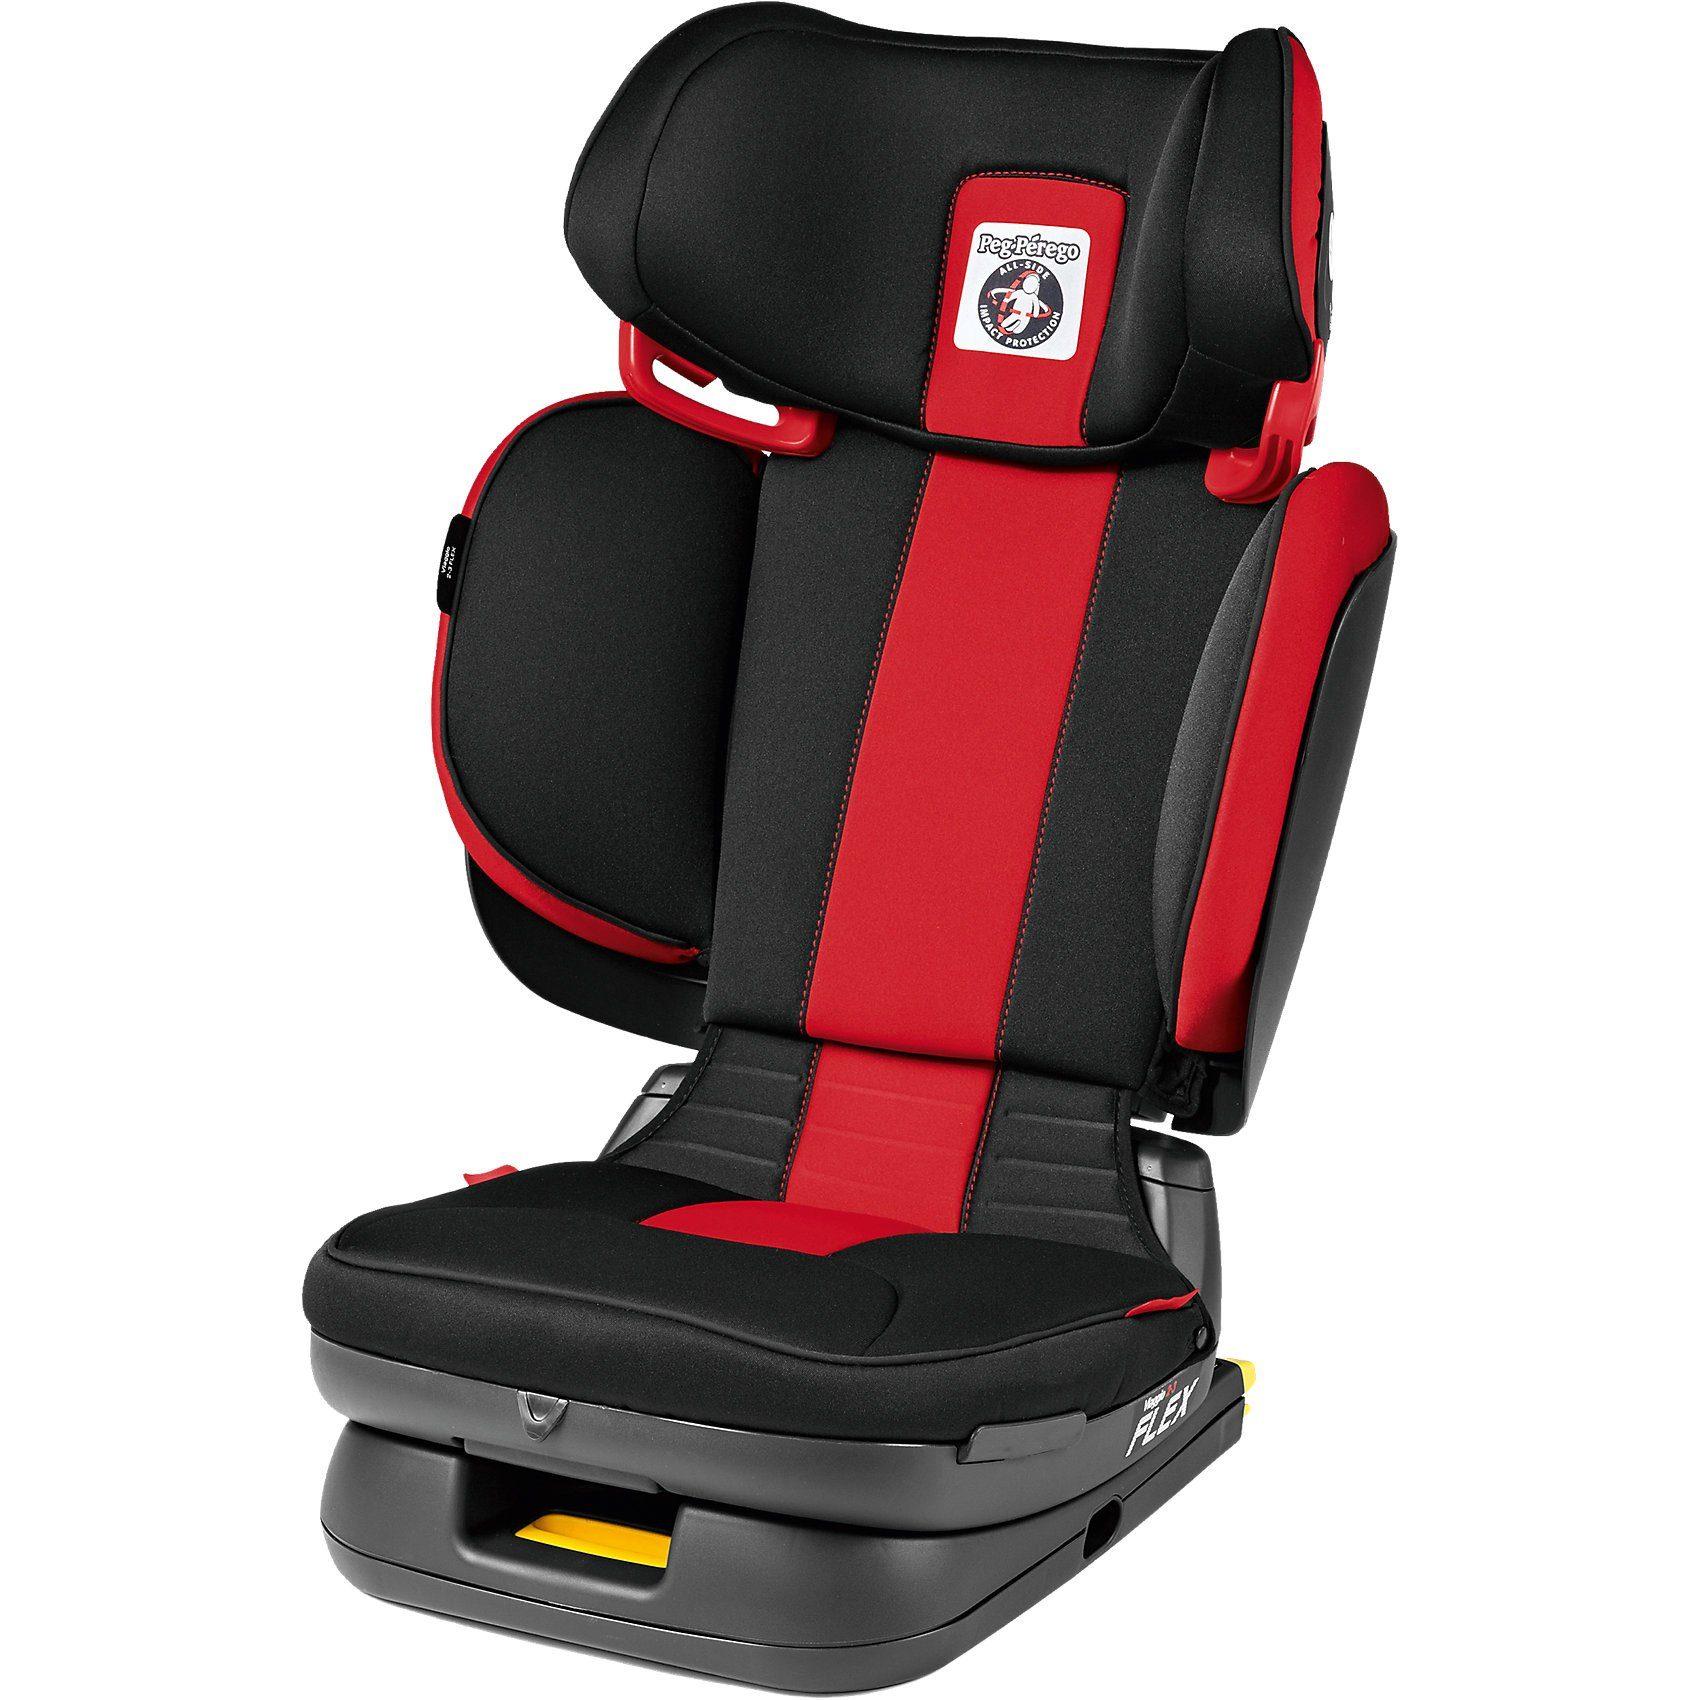 Peg Perego Auto-Kindersitz Viaggio 2-3 Flex, Monza, 2018